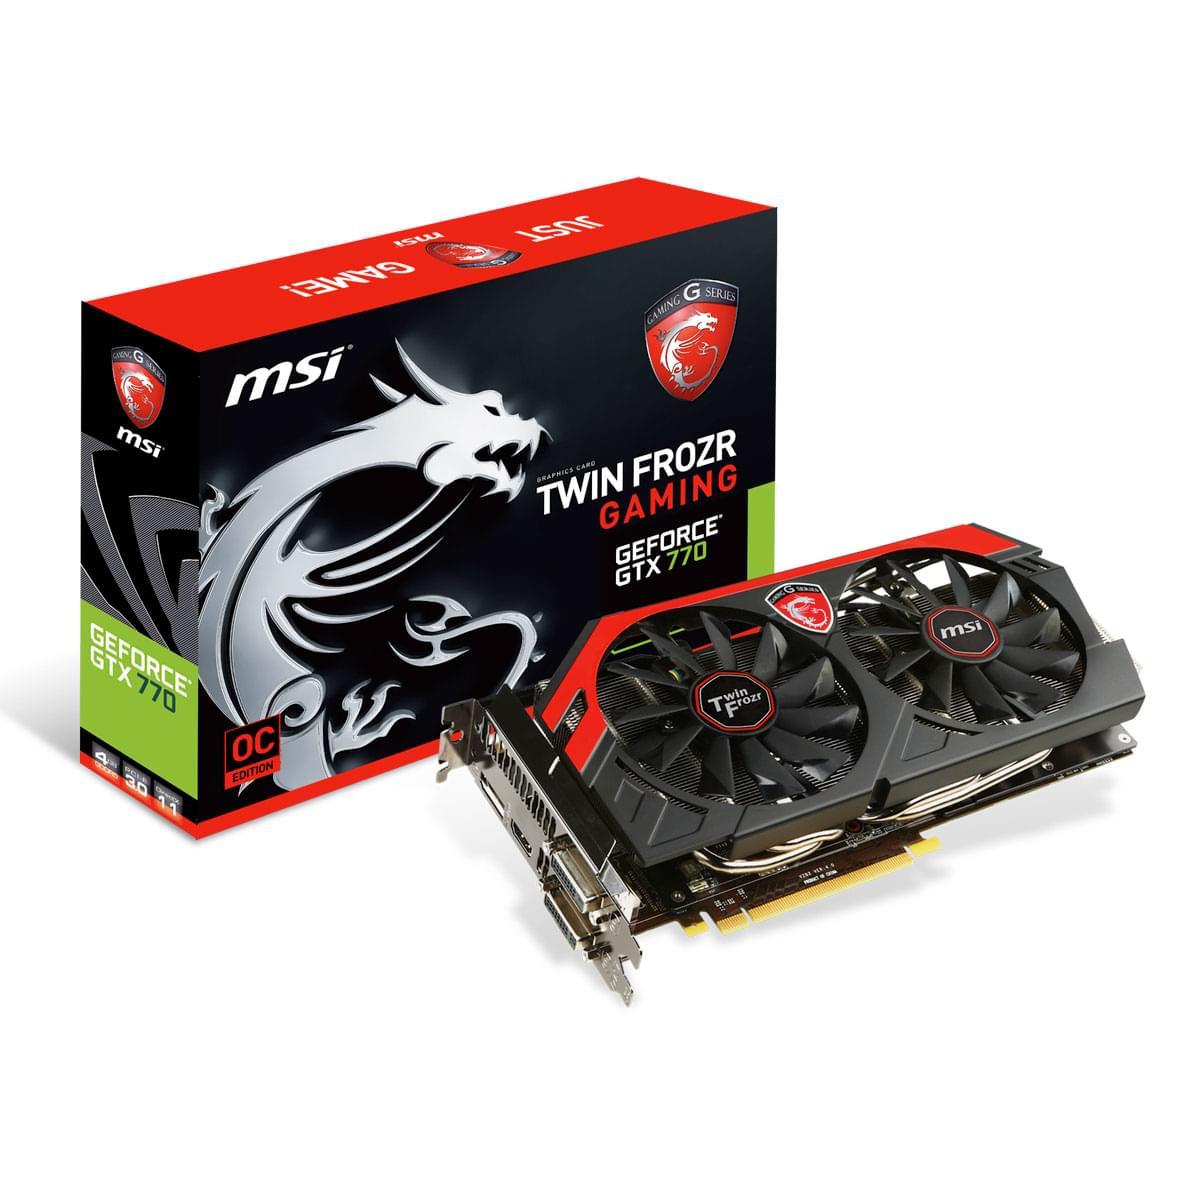 MSI  - 4Go - carte Graphique PC - GPU nVidia - 0